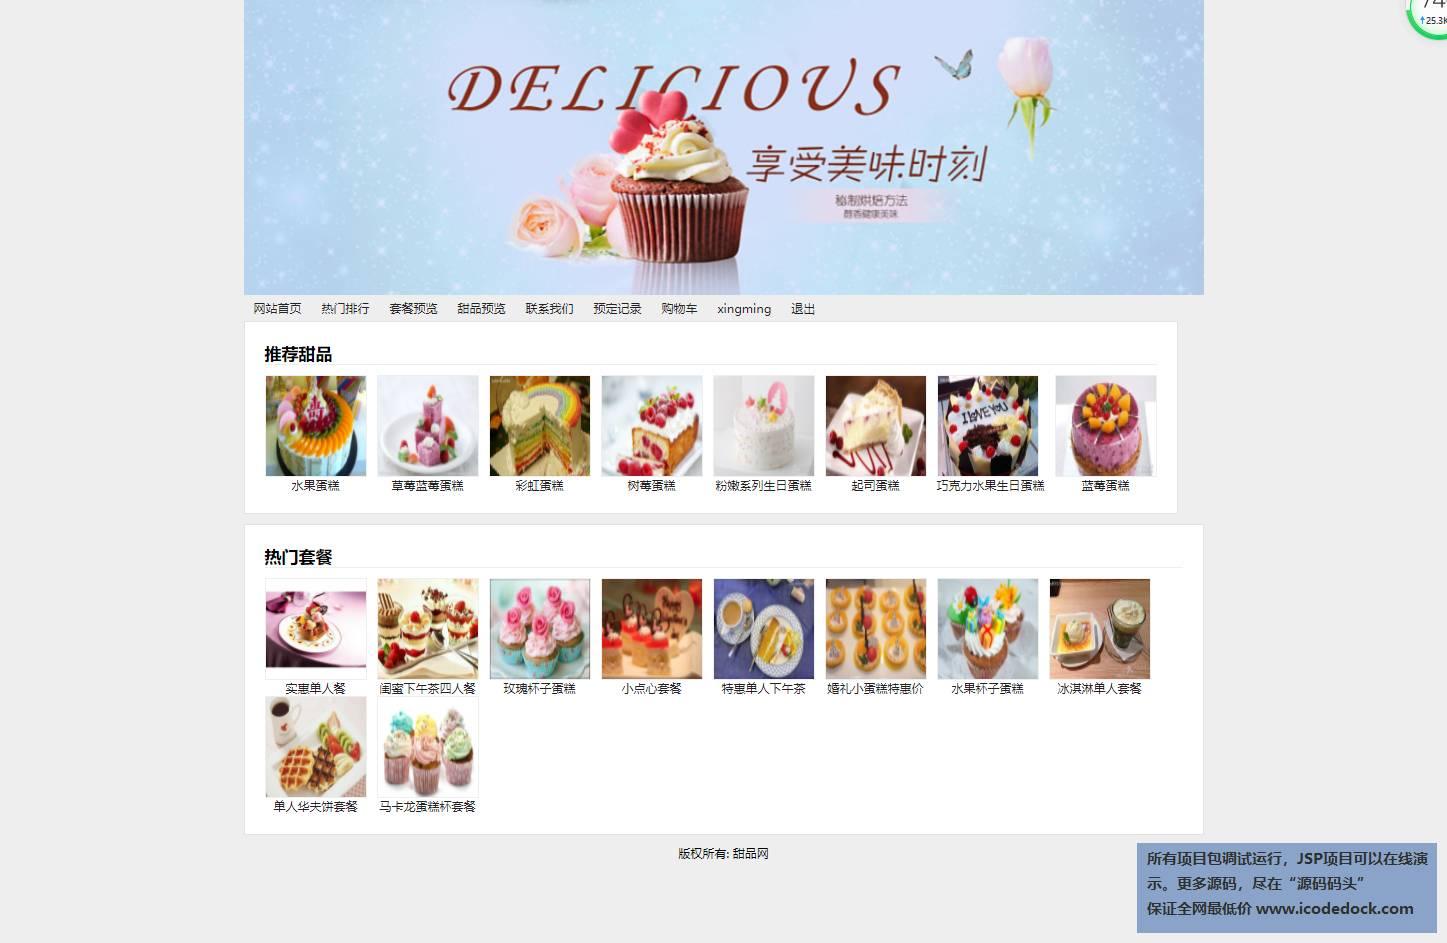 源码码头-SSM在线甜品商城平台-用户角色-查看首页